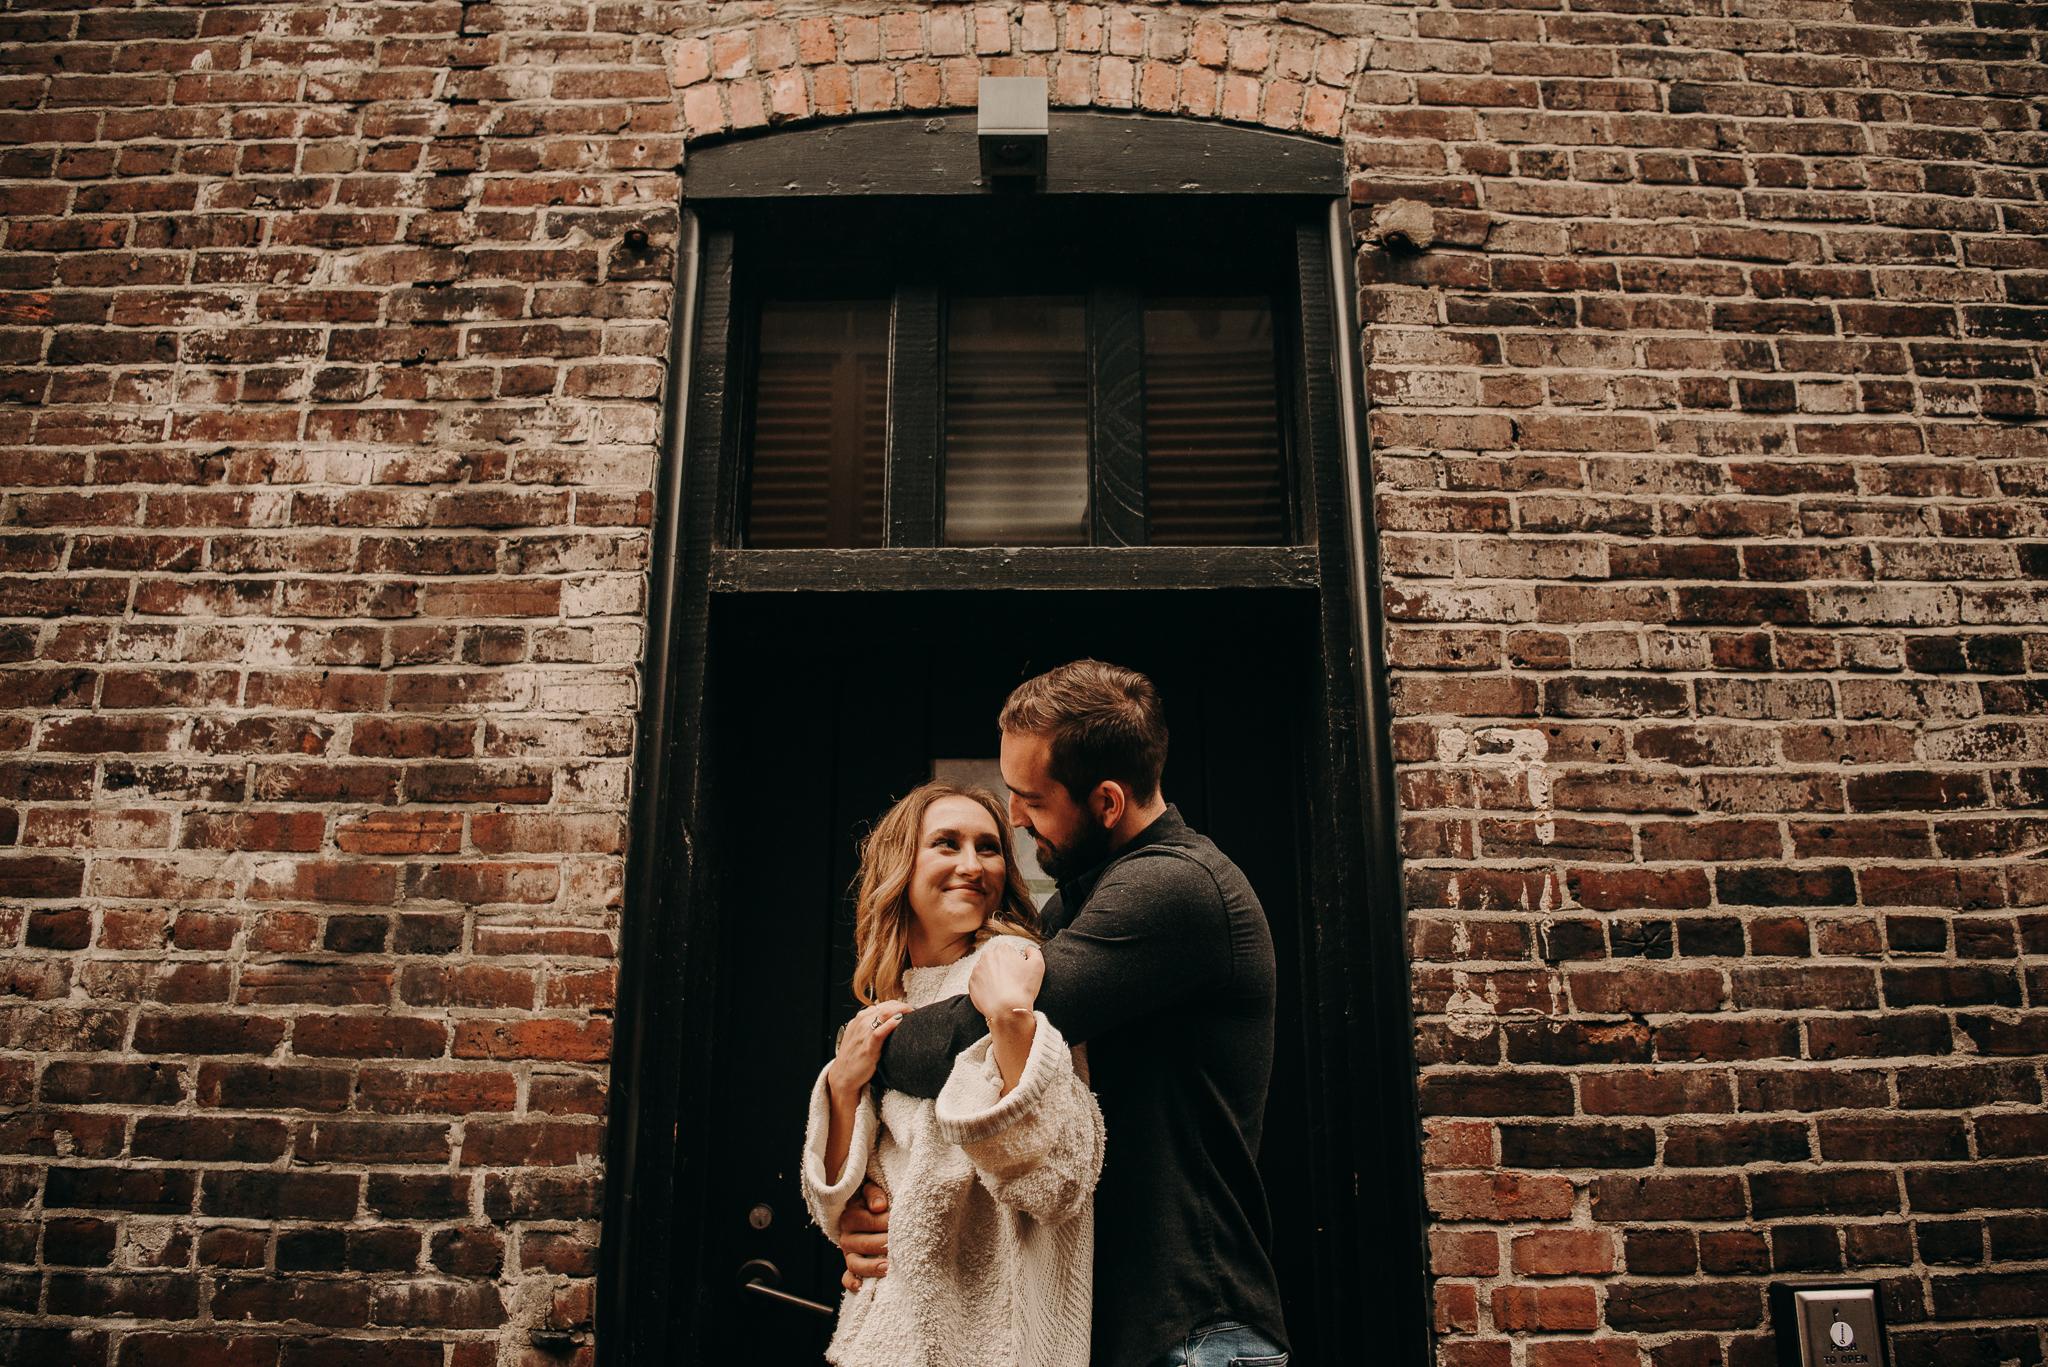 Amanda & Eric Gastown Vancouver Engagement Session - Laura Olson Photography - Sunshine Coast BC Photographer - Vancouver Photographer-2244.jpg